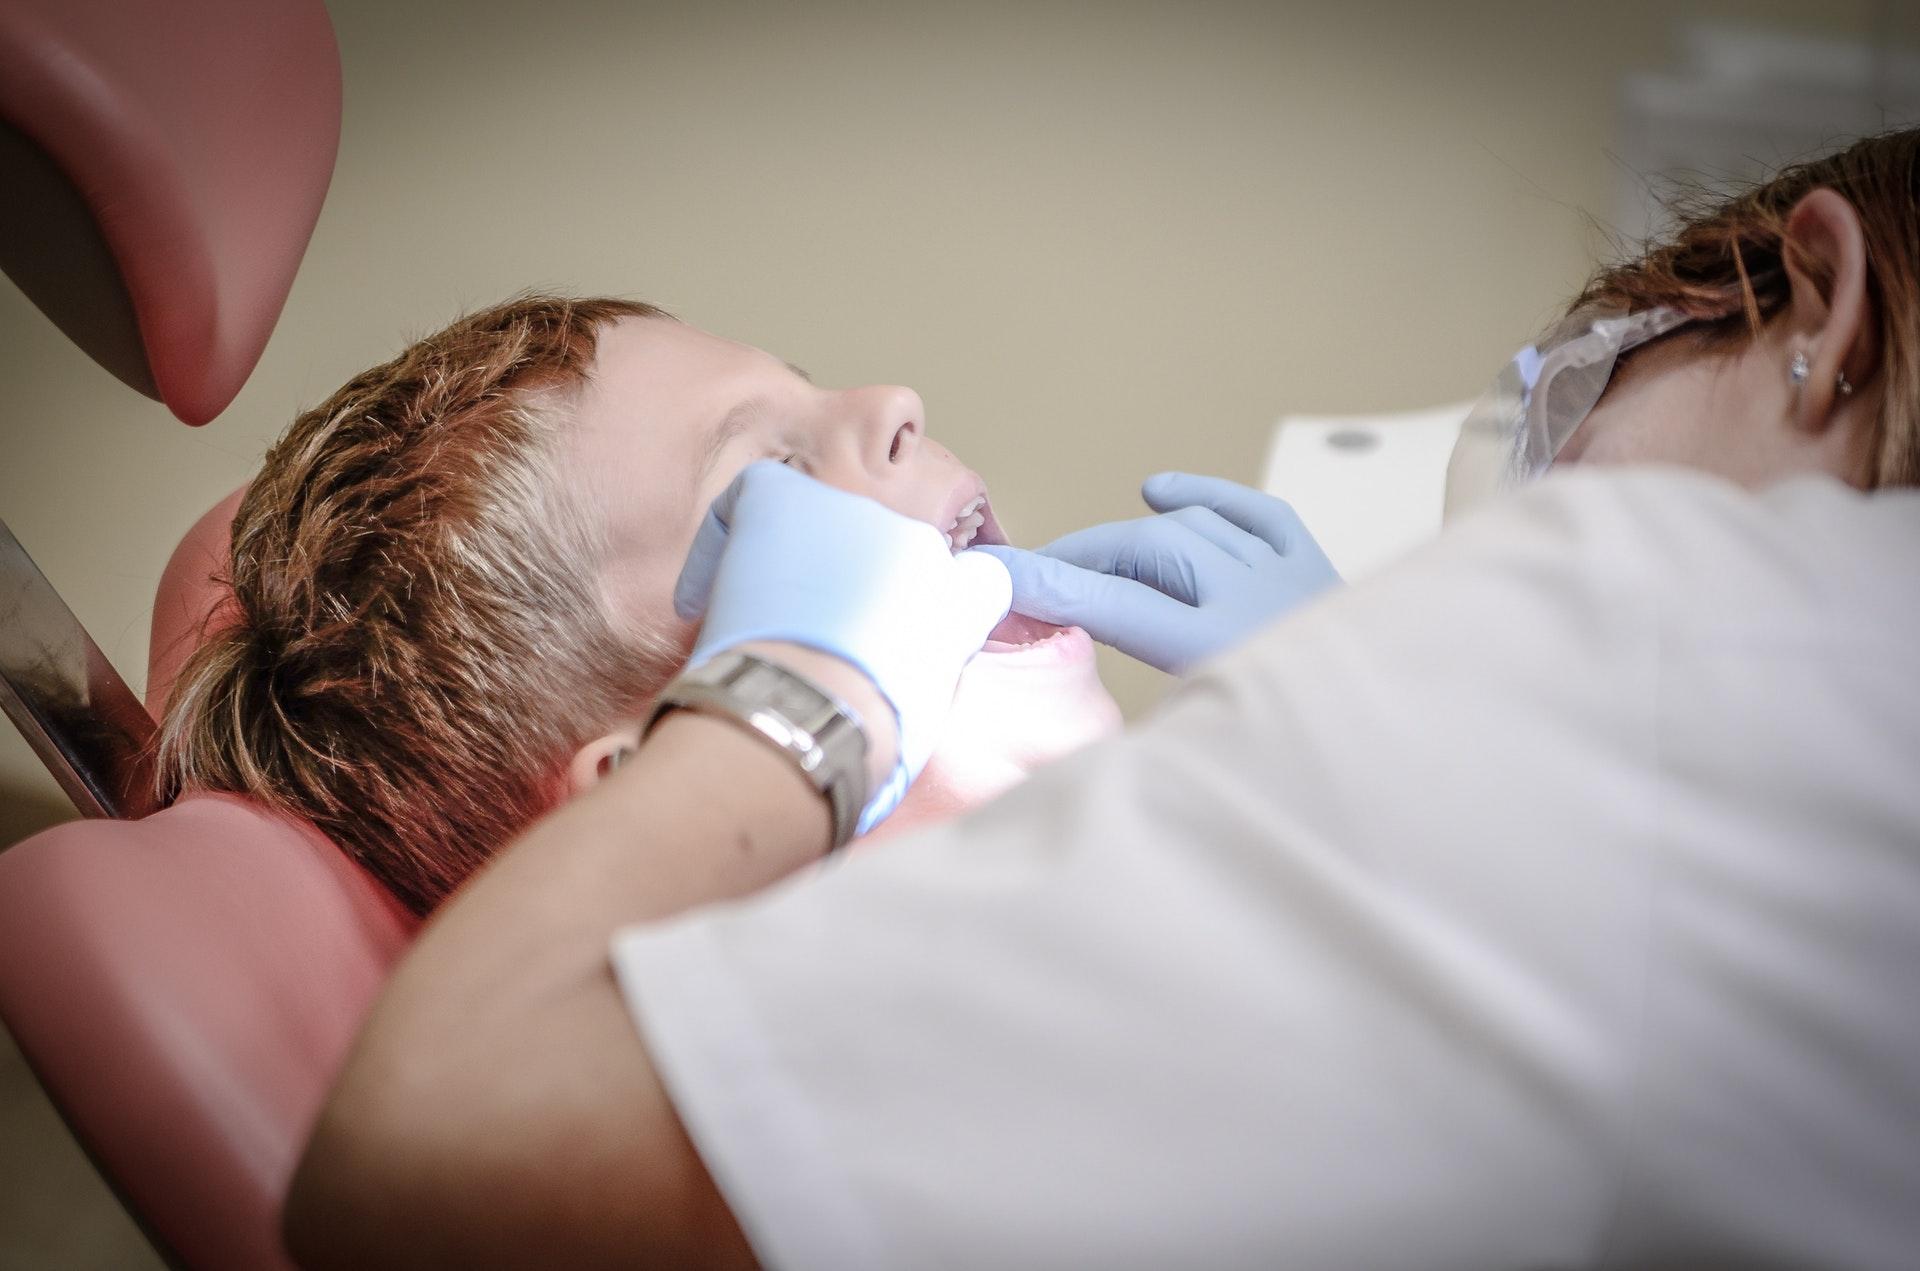 Las primeras visitas del niño a un consultorio dental